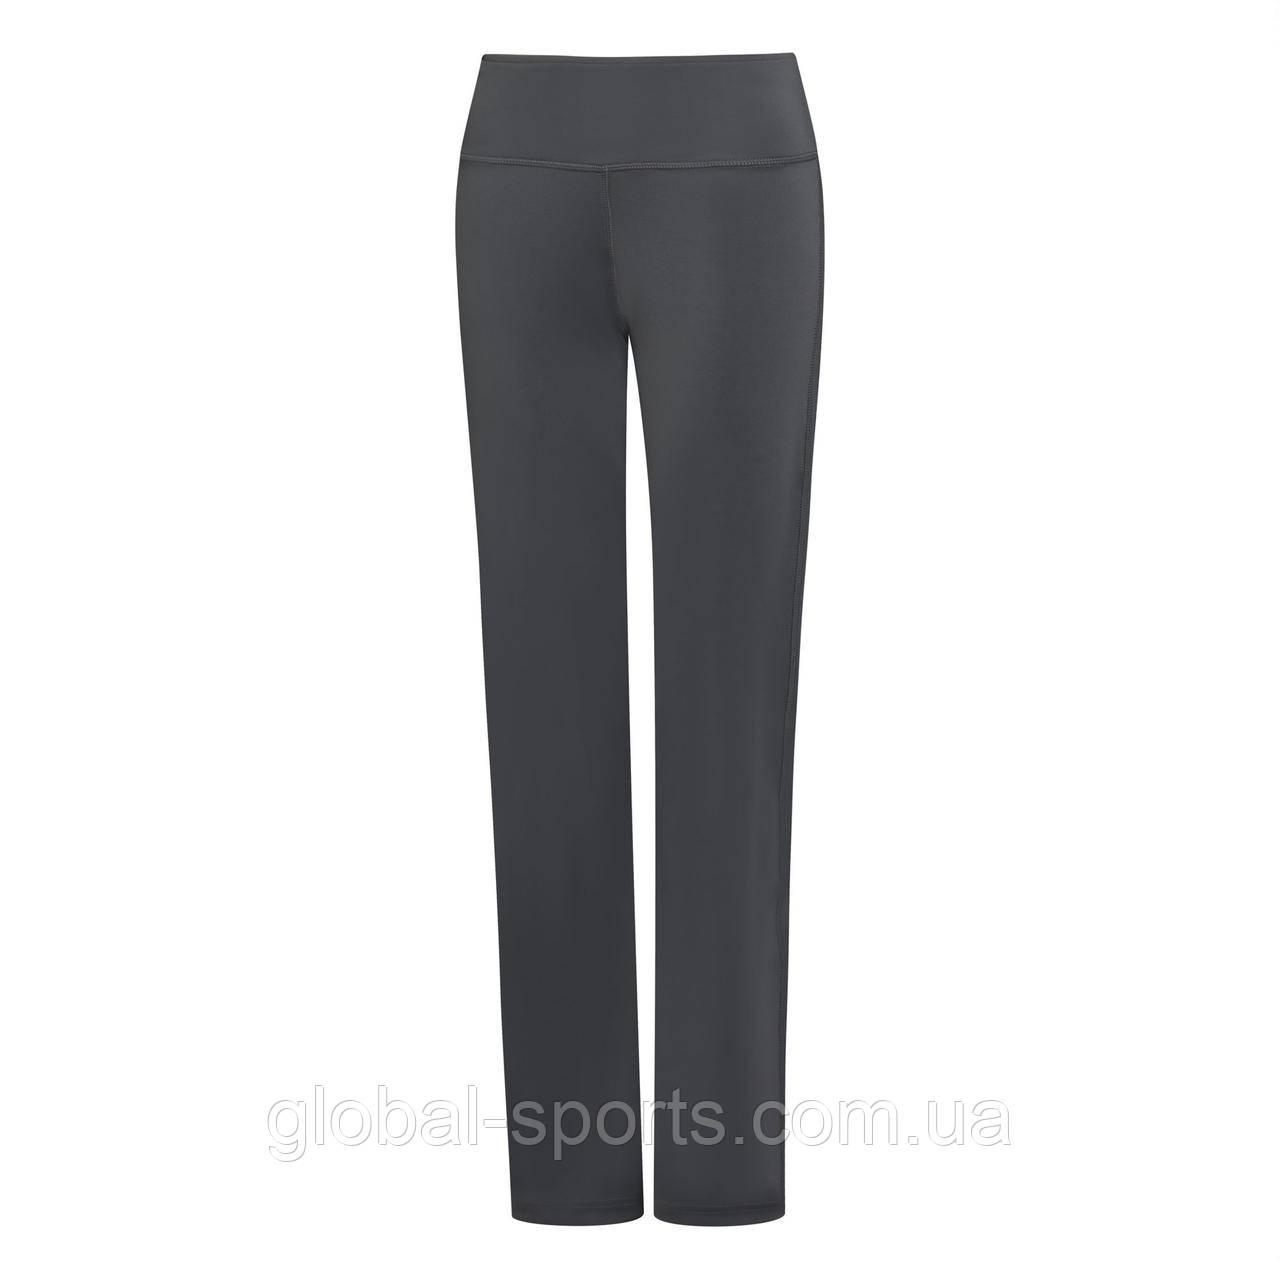 Спортивні штани жіночі Reebok Workout Ready Bootcut (Артикул: DU4788)